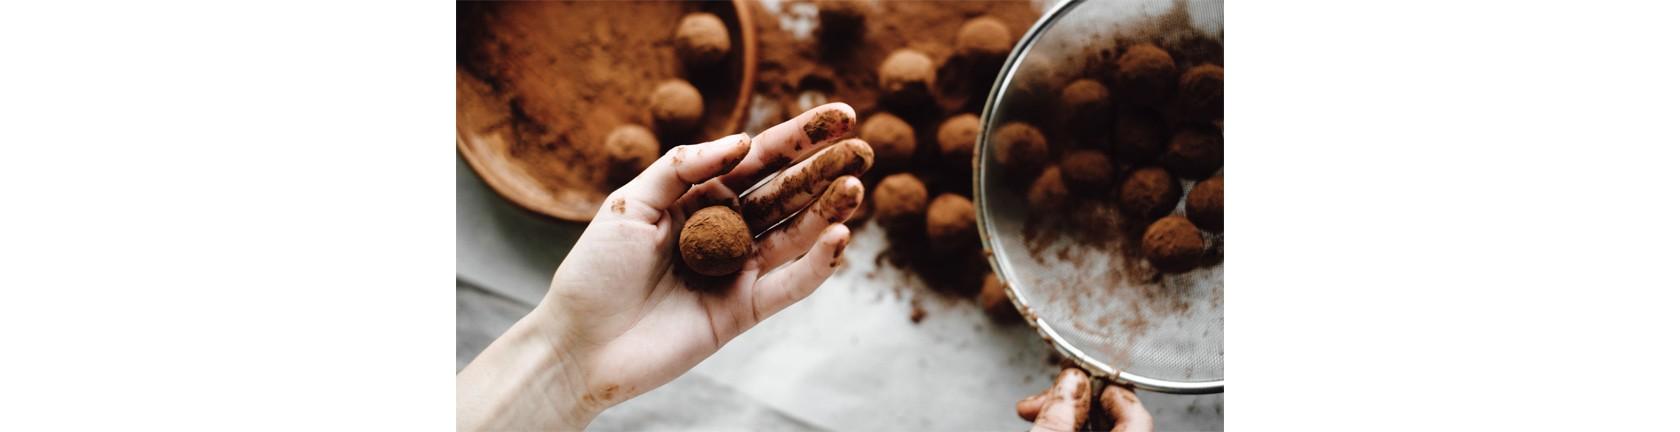 Eine mit Kakao beschmutzte Hand hält eine frischzubereitete Schokopraline, im Hintergrund verschwommen Pralinen in Schüsseln und teilweise auf dem Tisch verteilt.